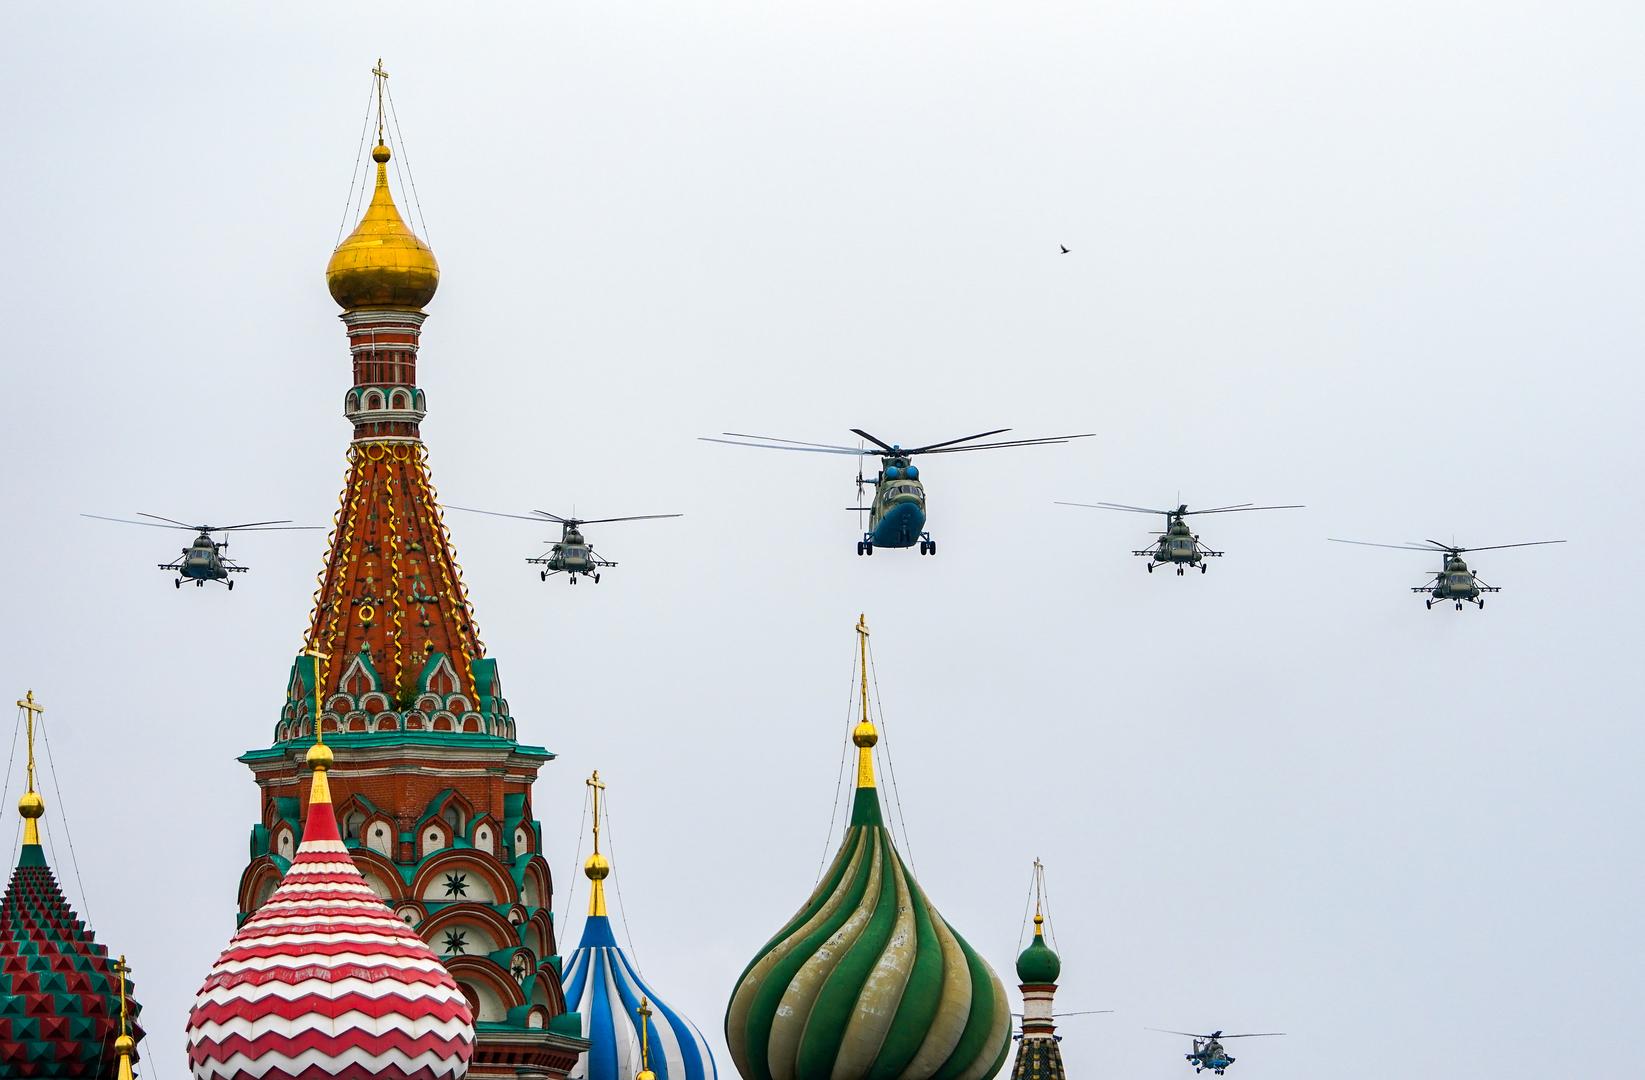 Ein Mi-26-Hubschrauber und mehrere Mi-8-Hubschrauber bei der Flugschau in Moskau